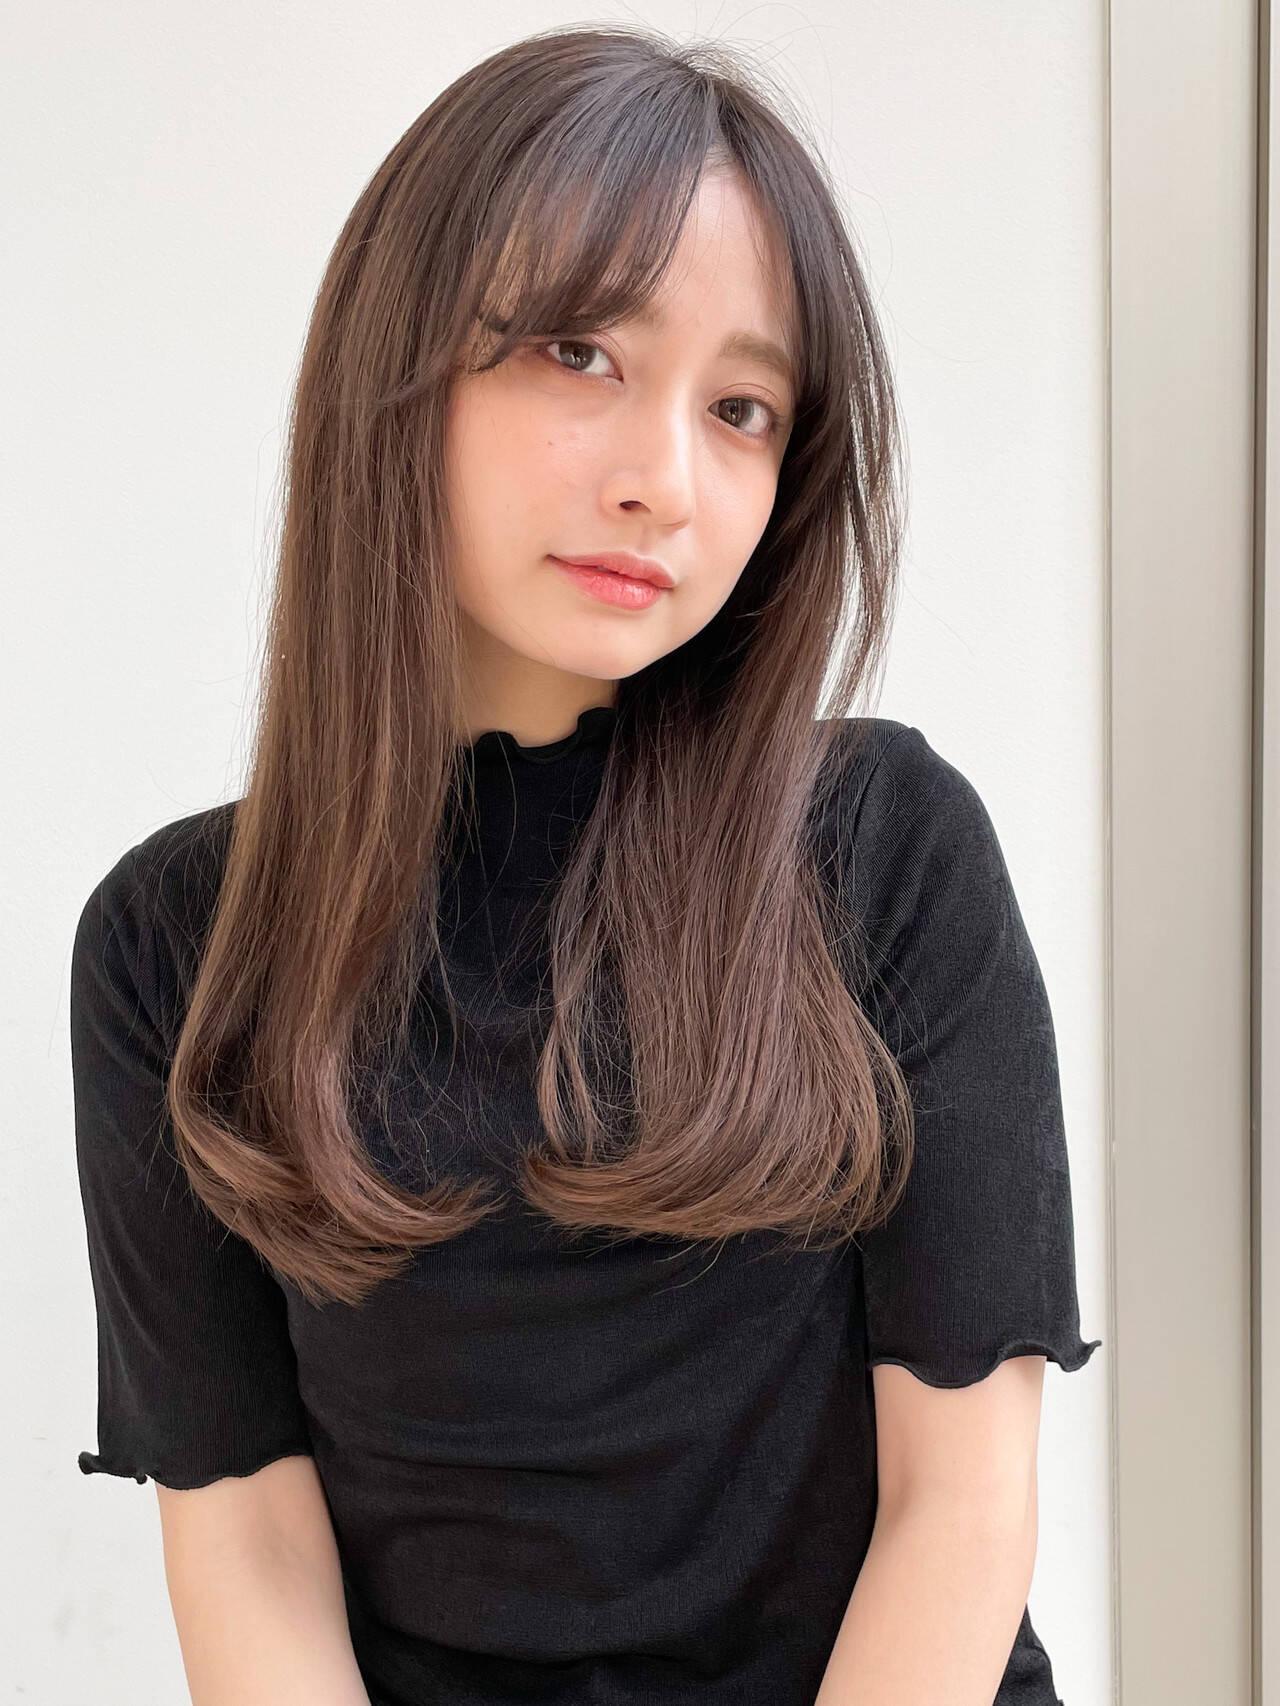 セミロング 大人女子 ストレート 大人かわいいヘアスタイルや髪型の写真・画像